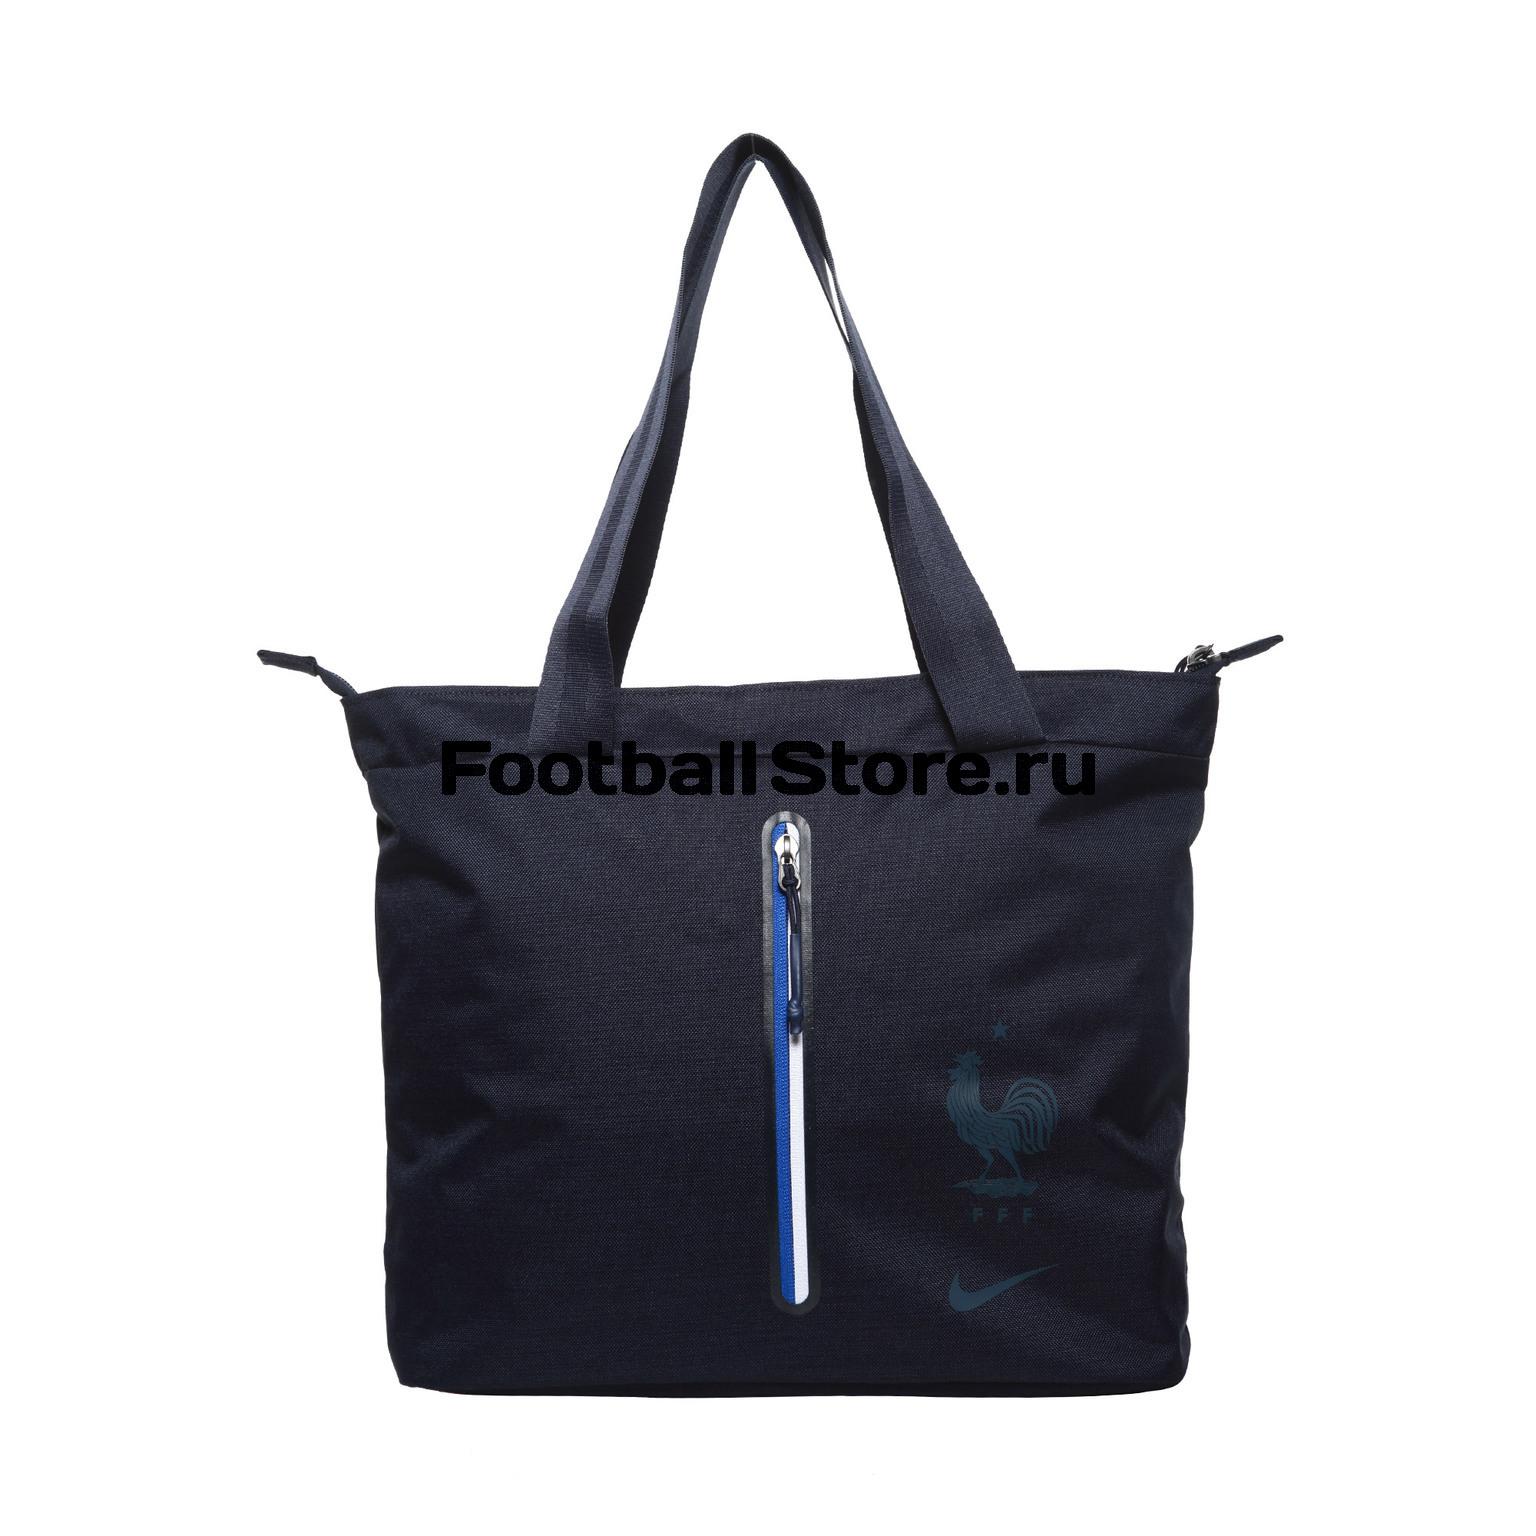 Сумка Nike France Stadium Tote BA5514-451 nike nike fc manchester united 2014 15 stadium otc